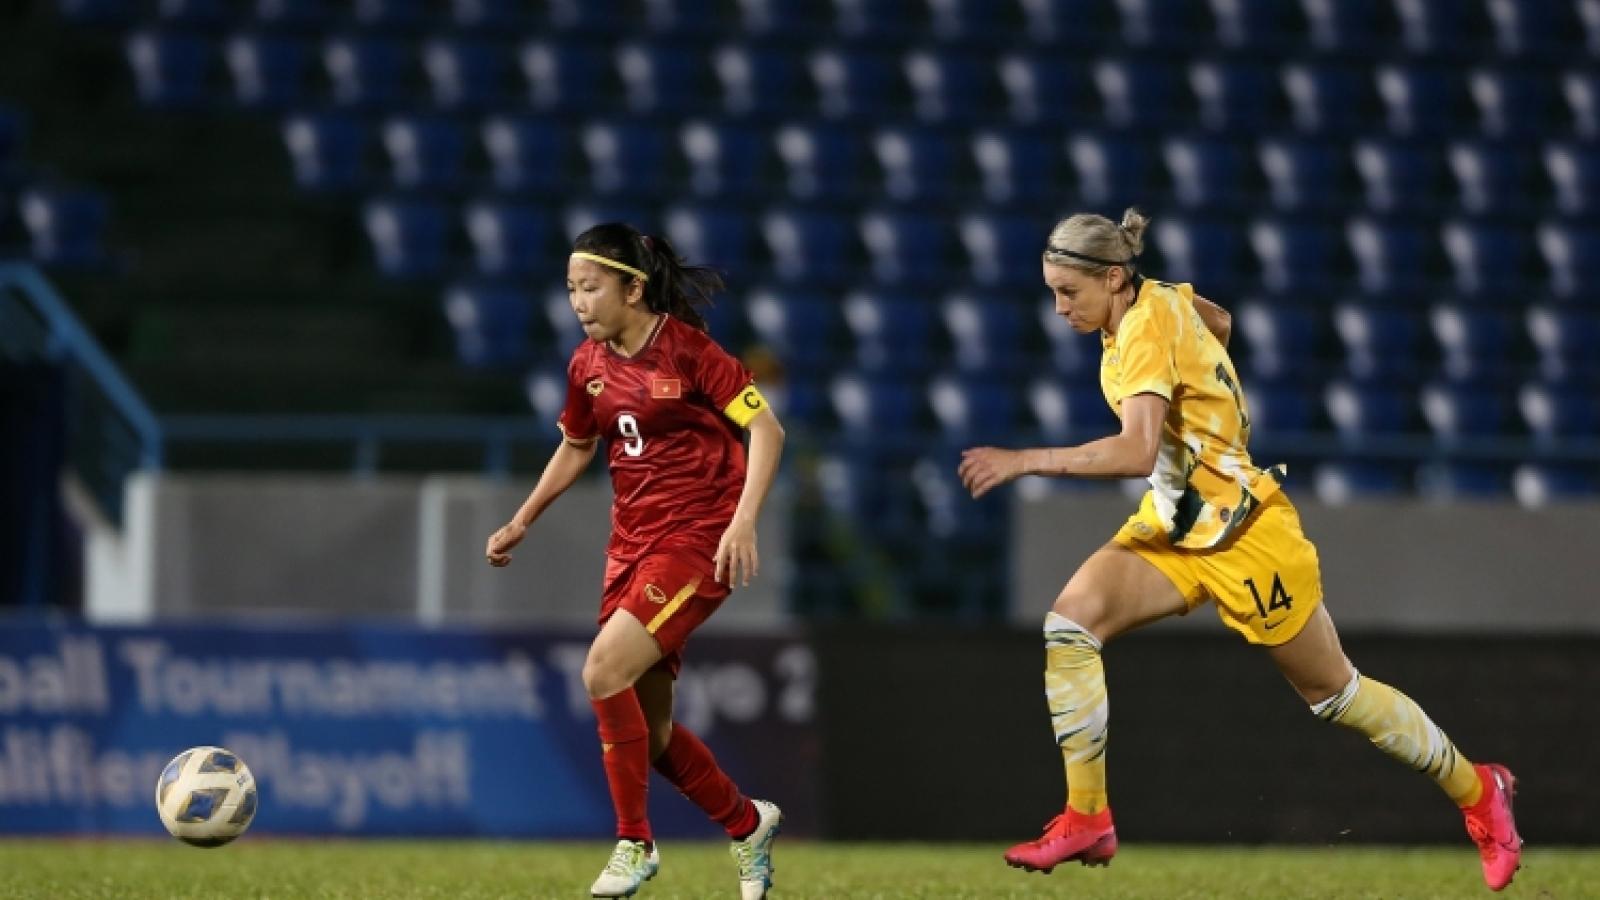 ĐT nữ Việt Nam xác định đối thủ cạnh tranh vé đến World Cup 2023